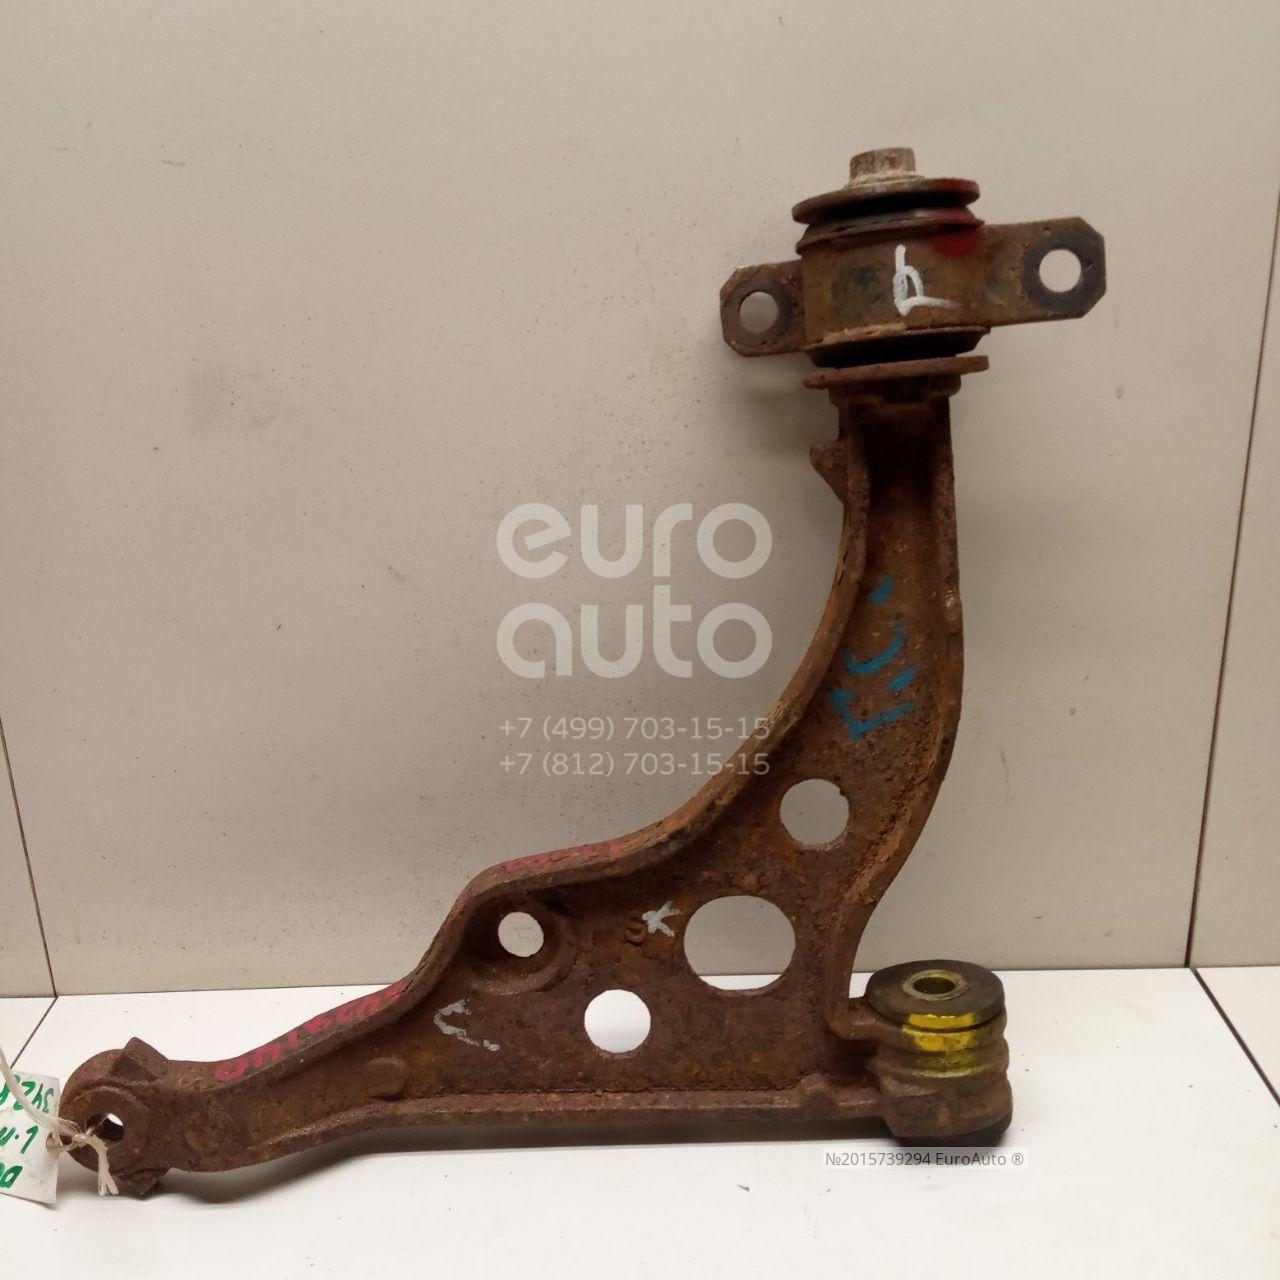 Рычаг передний левый для Fiat,Citroen,Peugeot Ducato 244 (+ЕЛАБУГА) 2002-2006;Jumper 230 1994-2002;Boxer 244 2002-2006;Jumper 244 2002-2006 - Фото №1